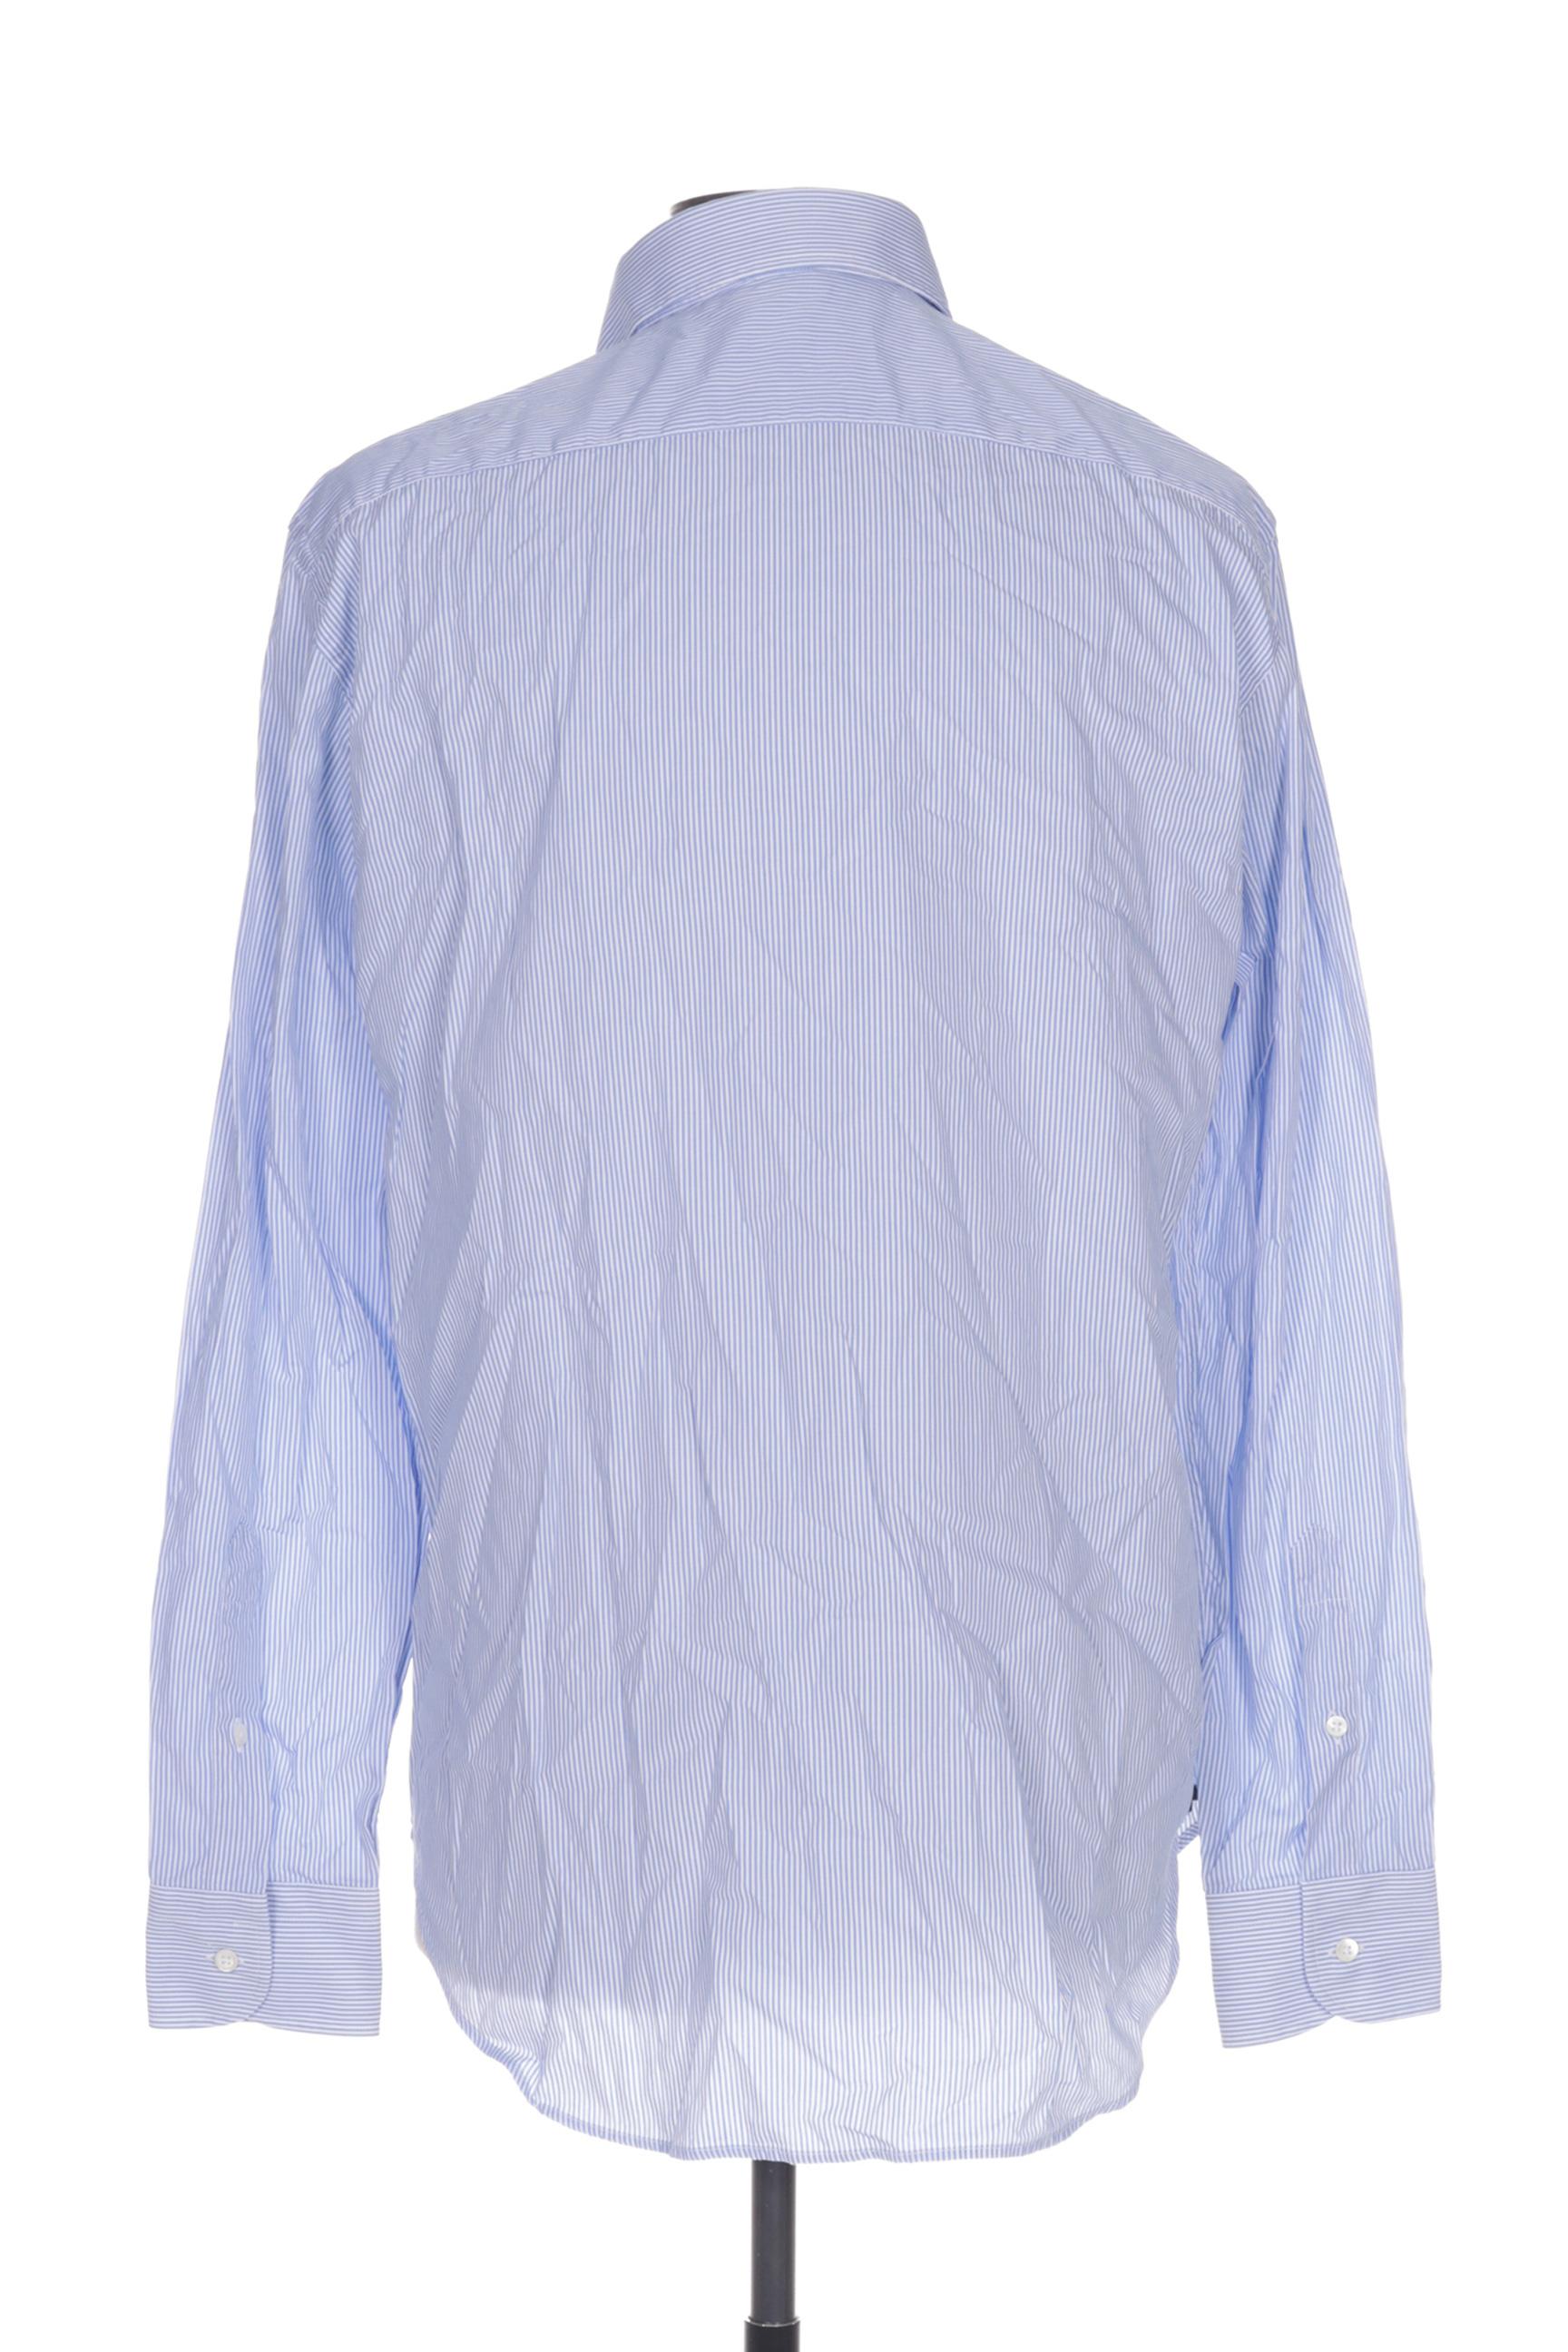 Breuer Manches Longues Homme De Couleur Bleu En Soldes Pas Cher 1388153-bleu00